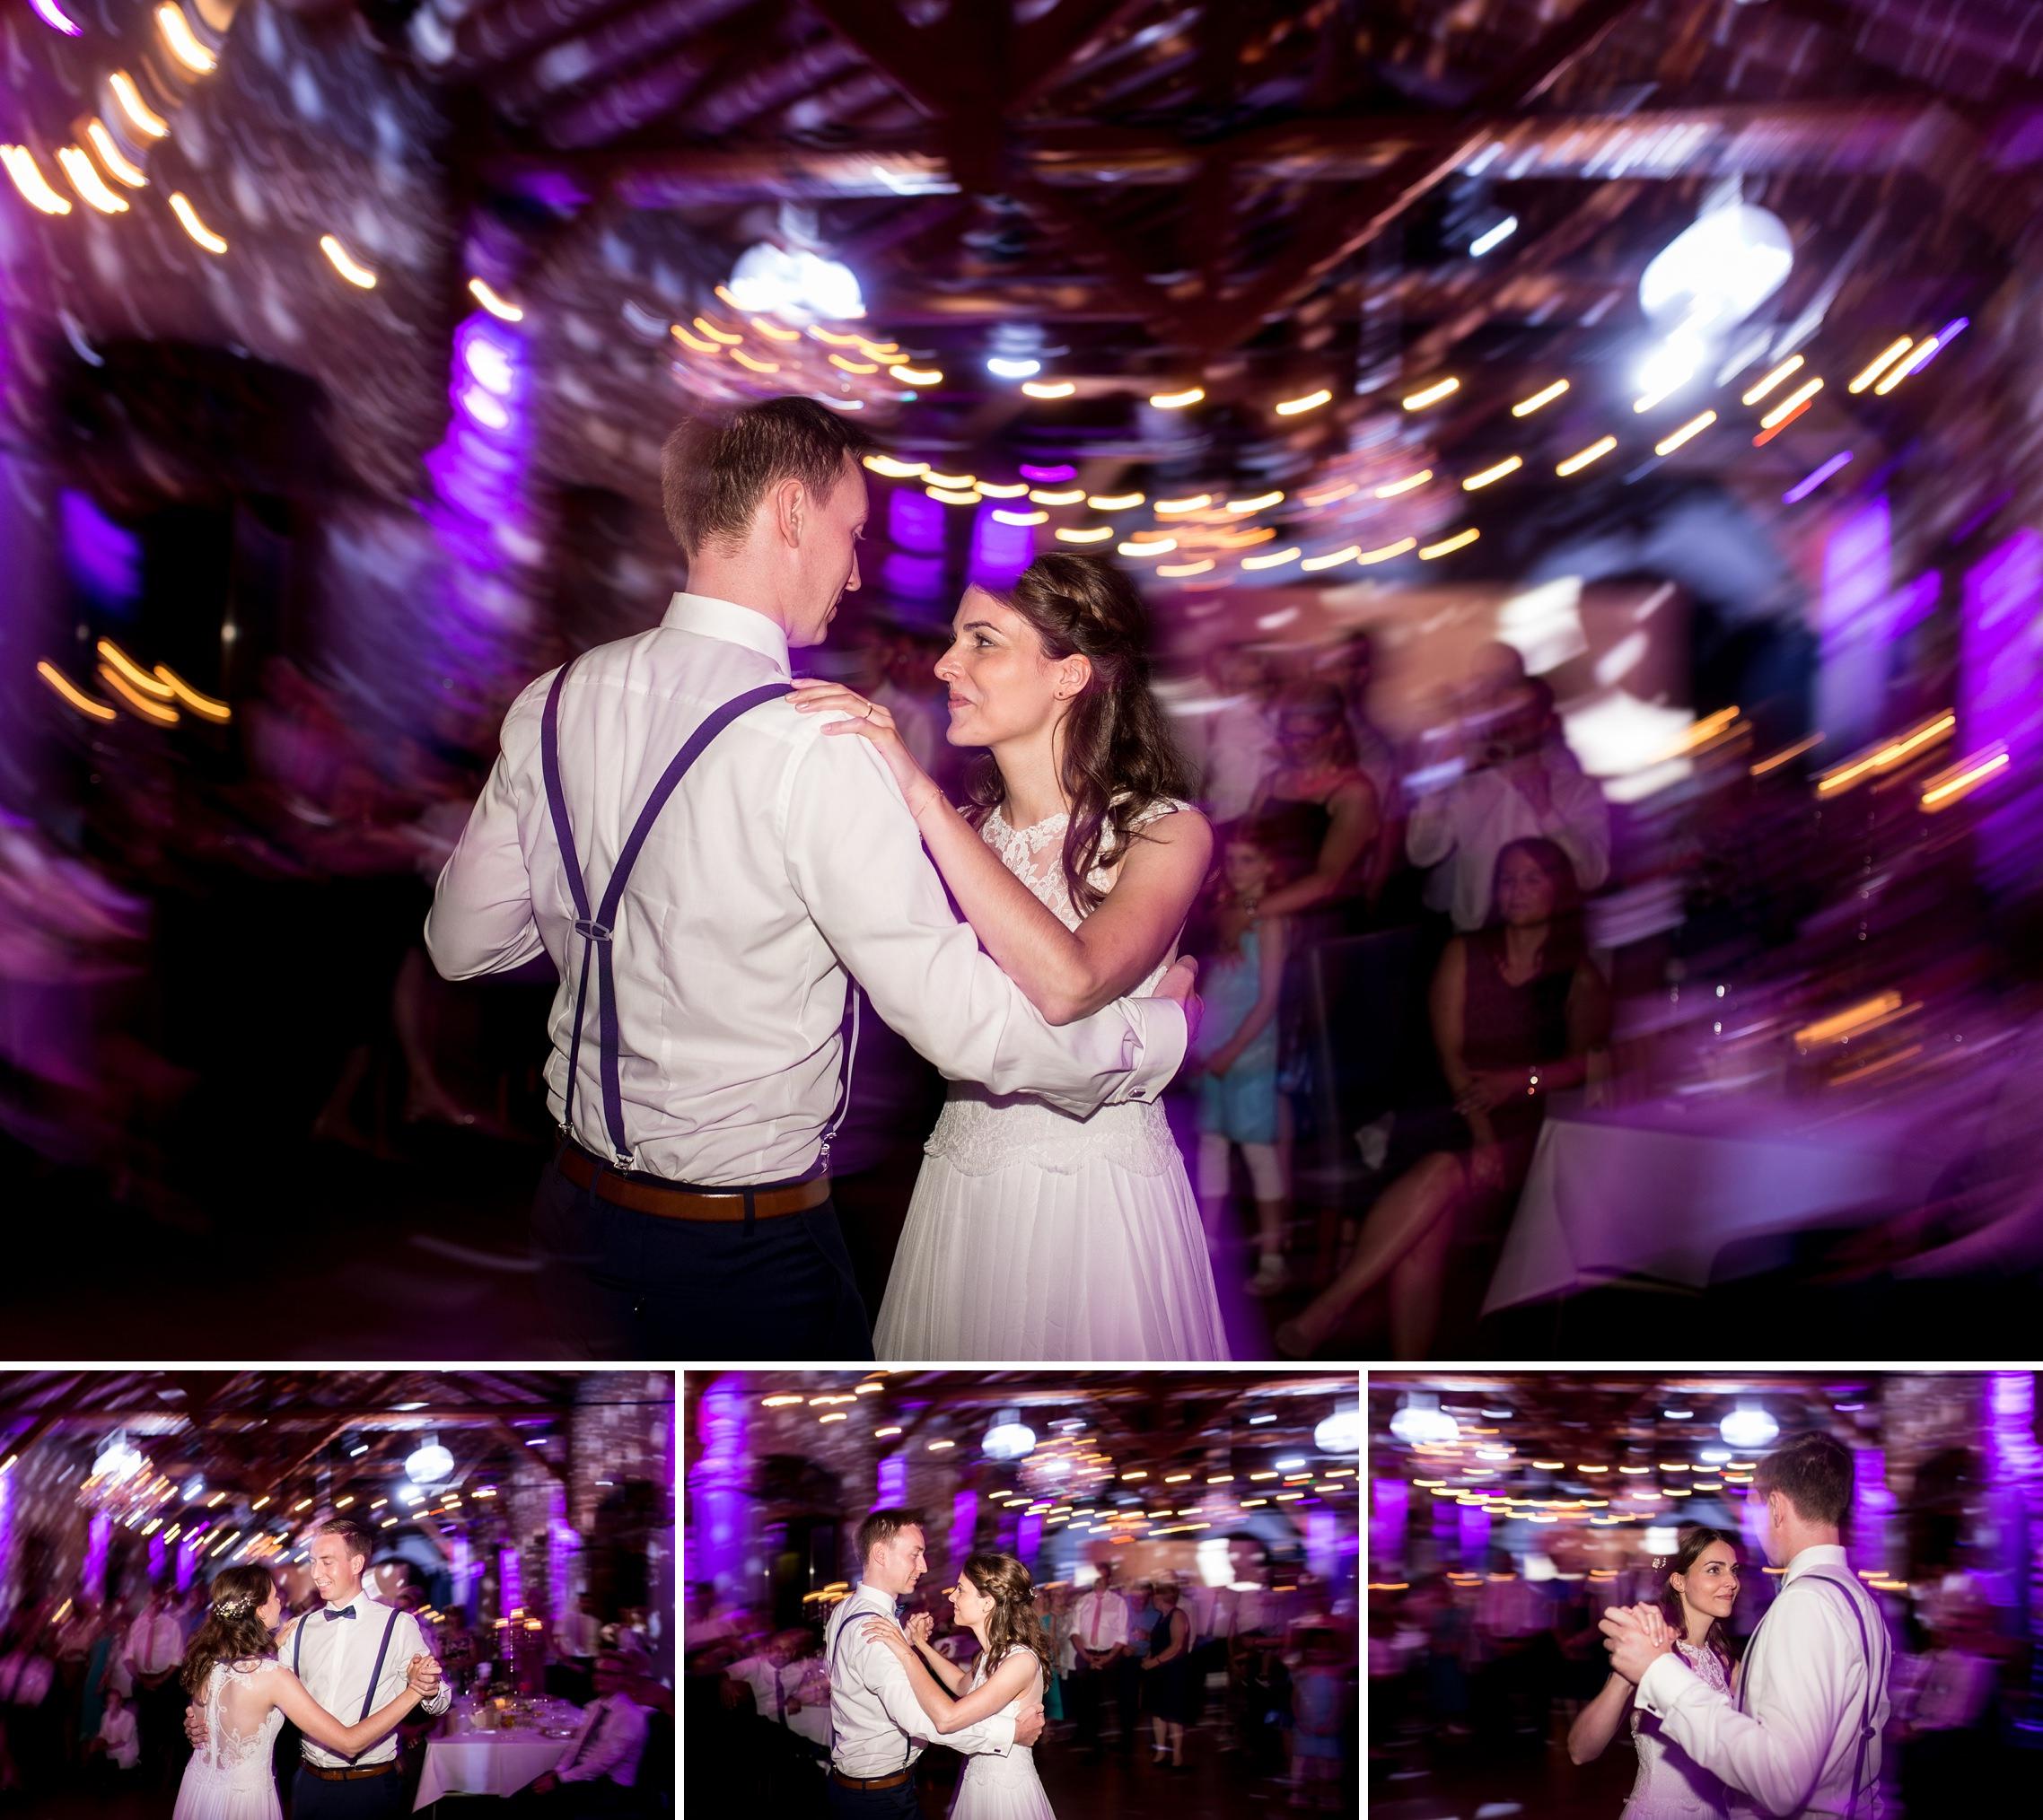 Das Brautpaar genießt den Hochzeitstanz.